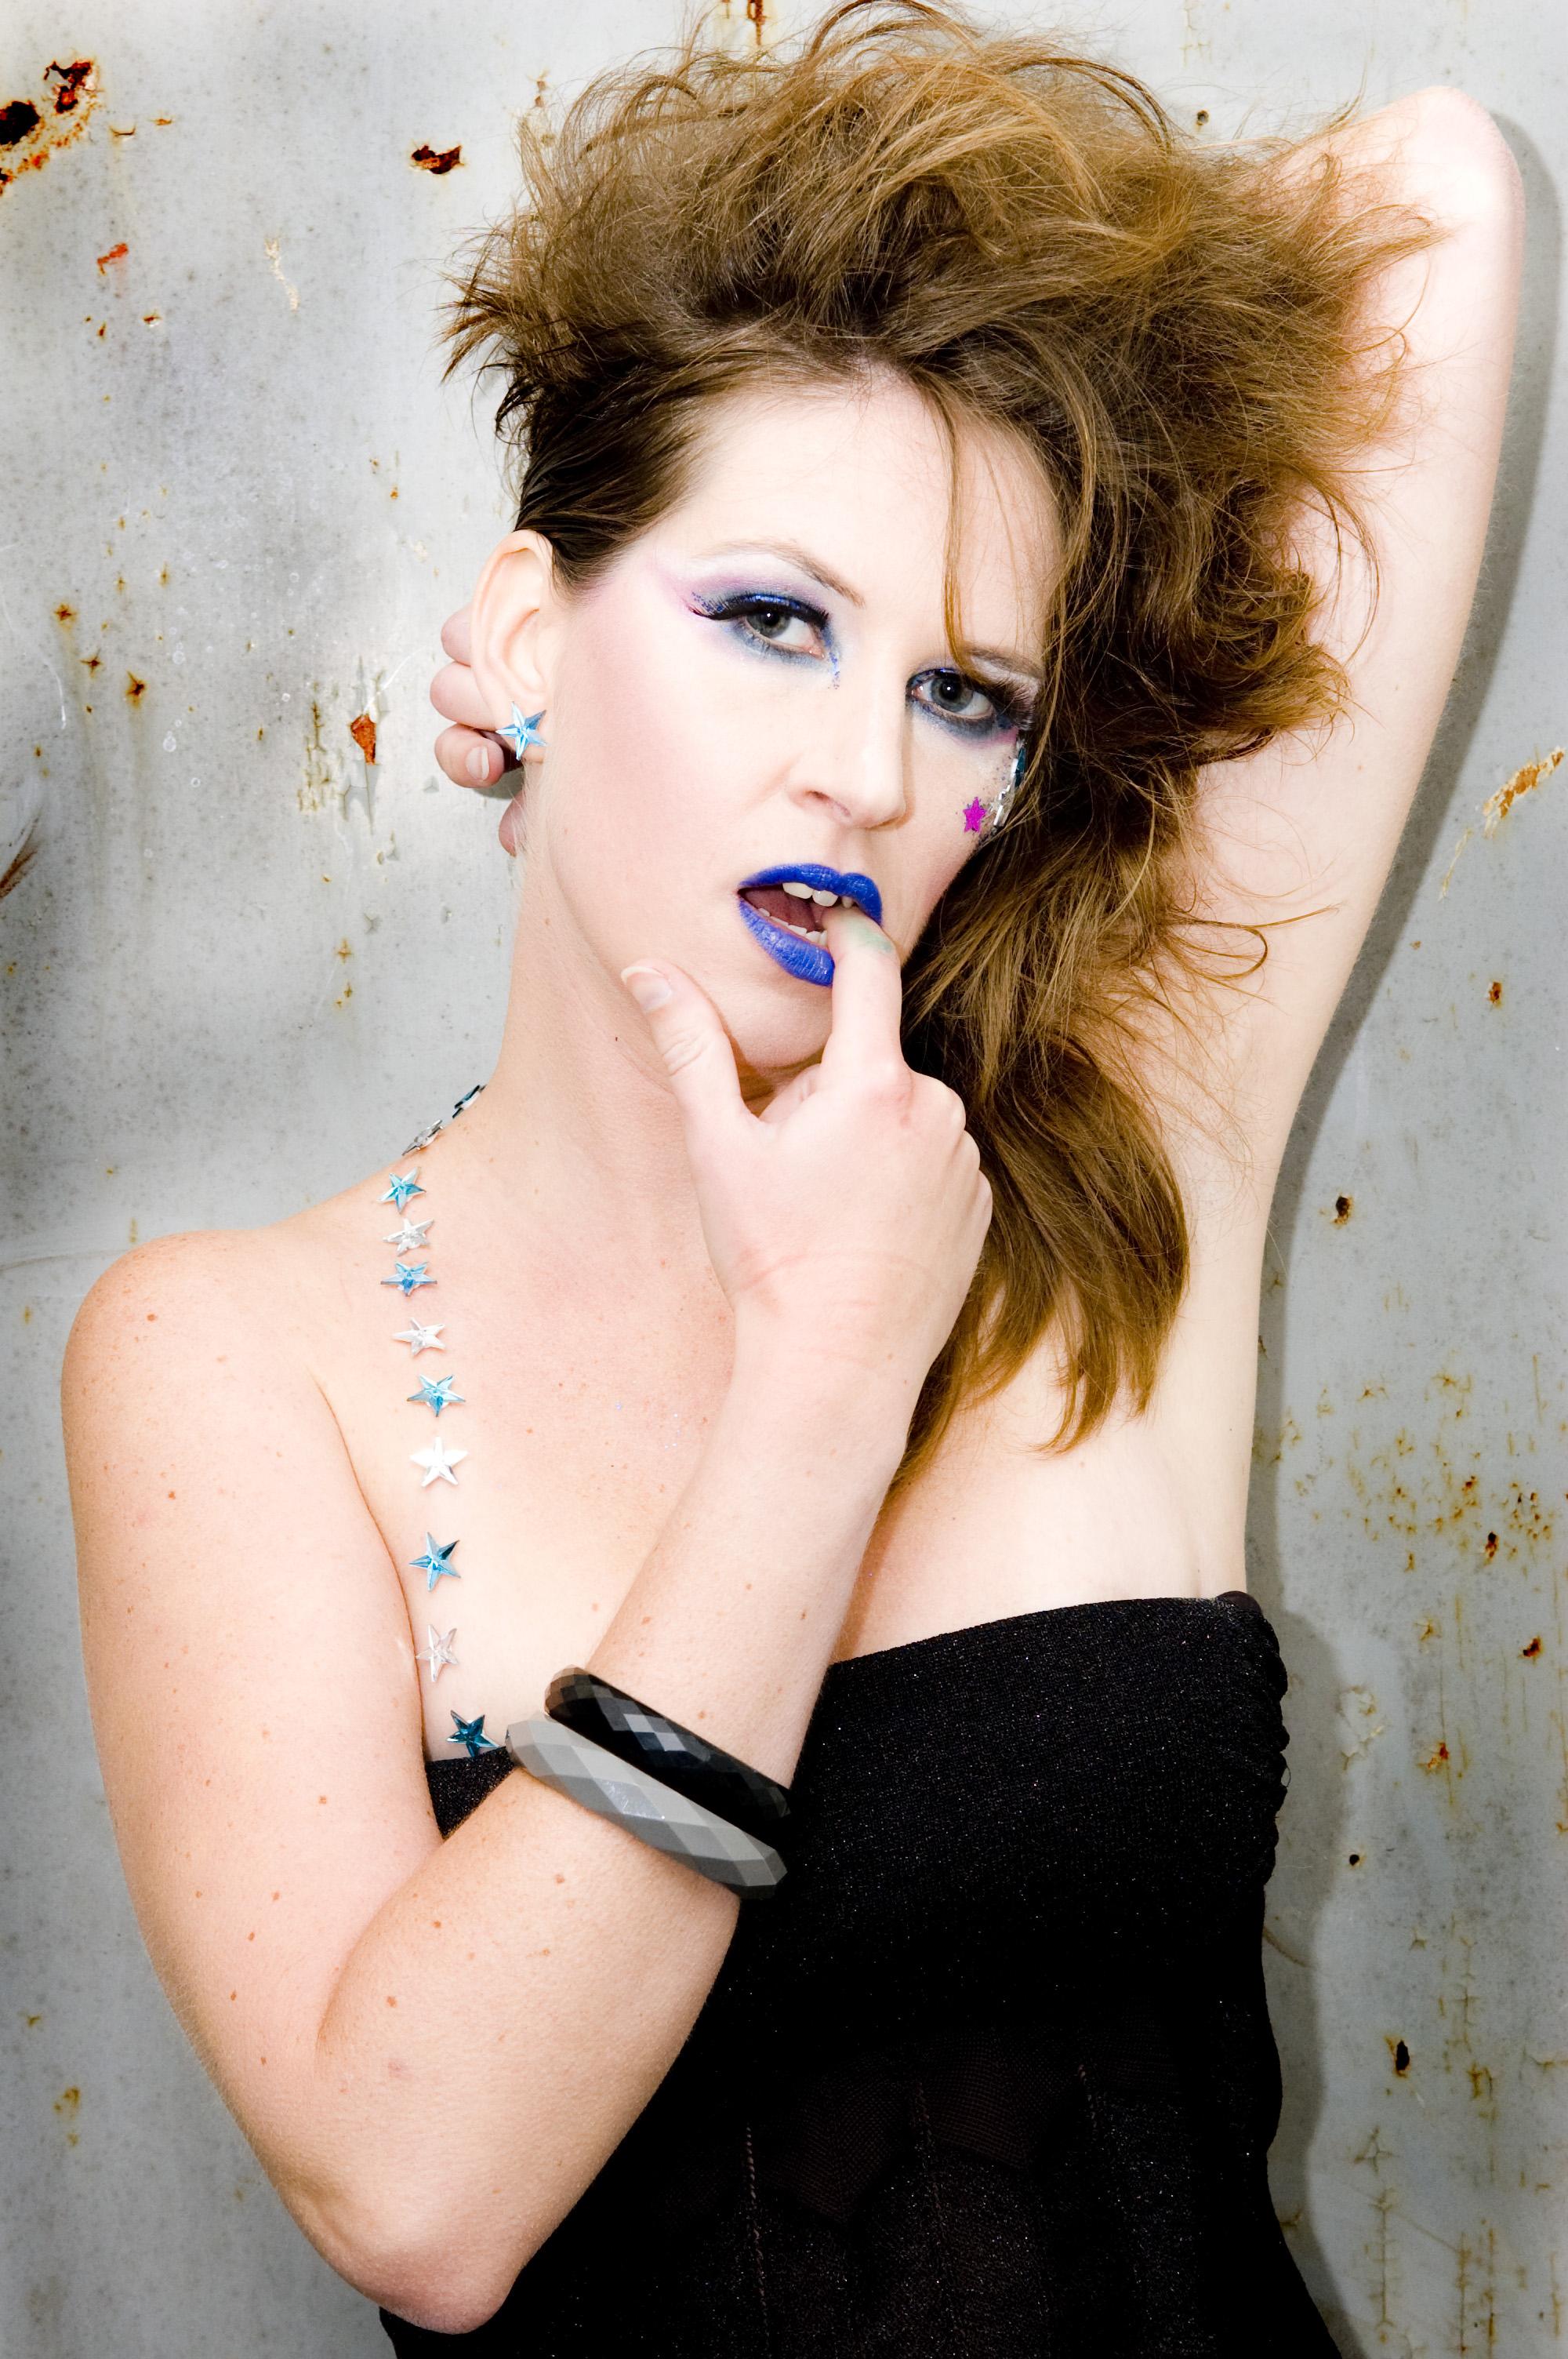 fotoshoot makeup